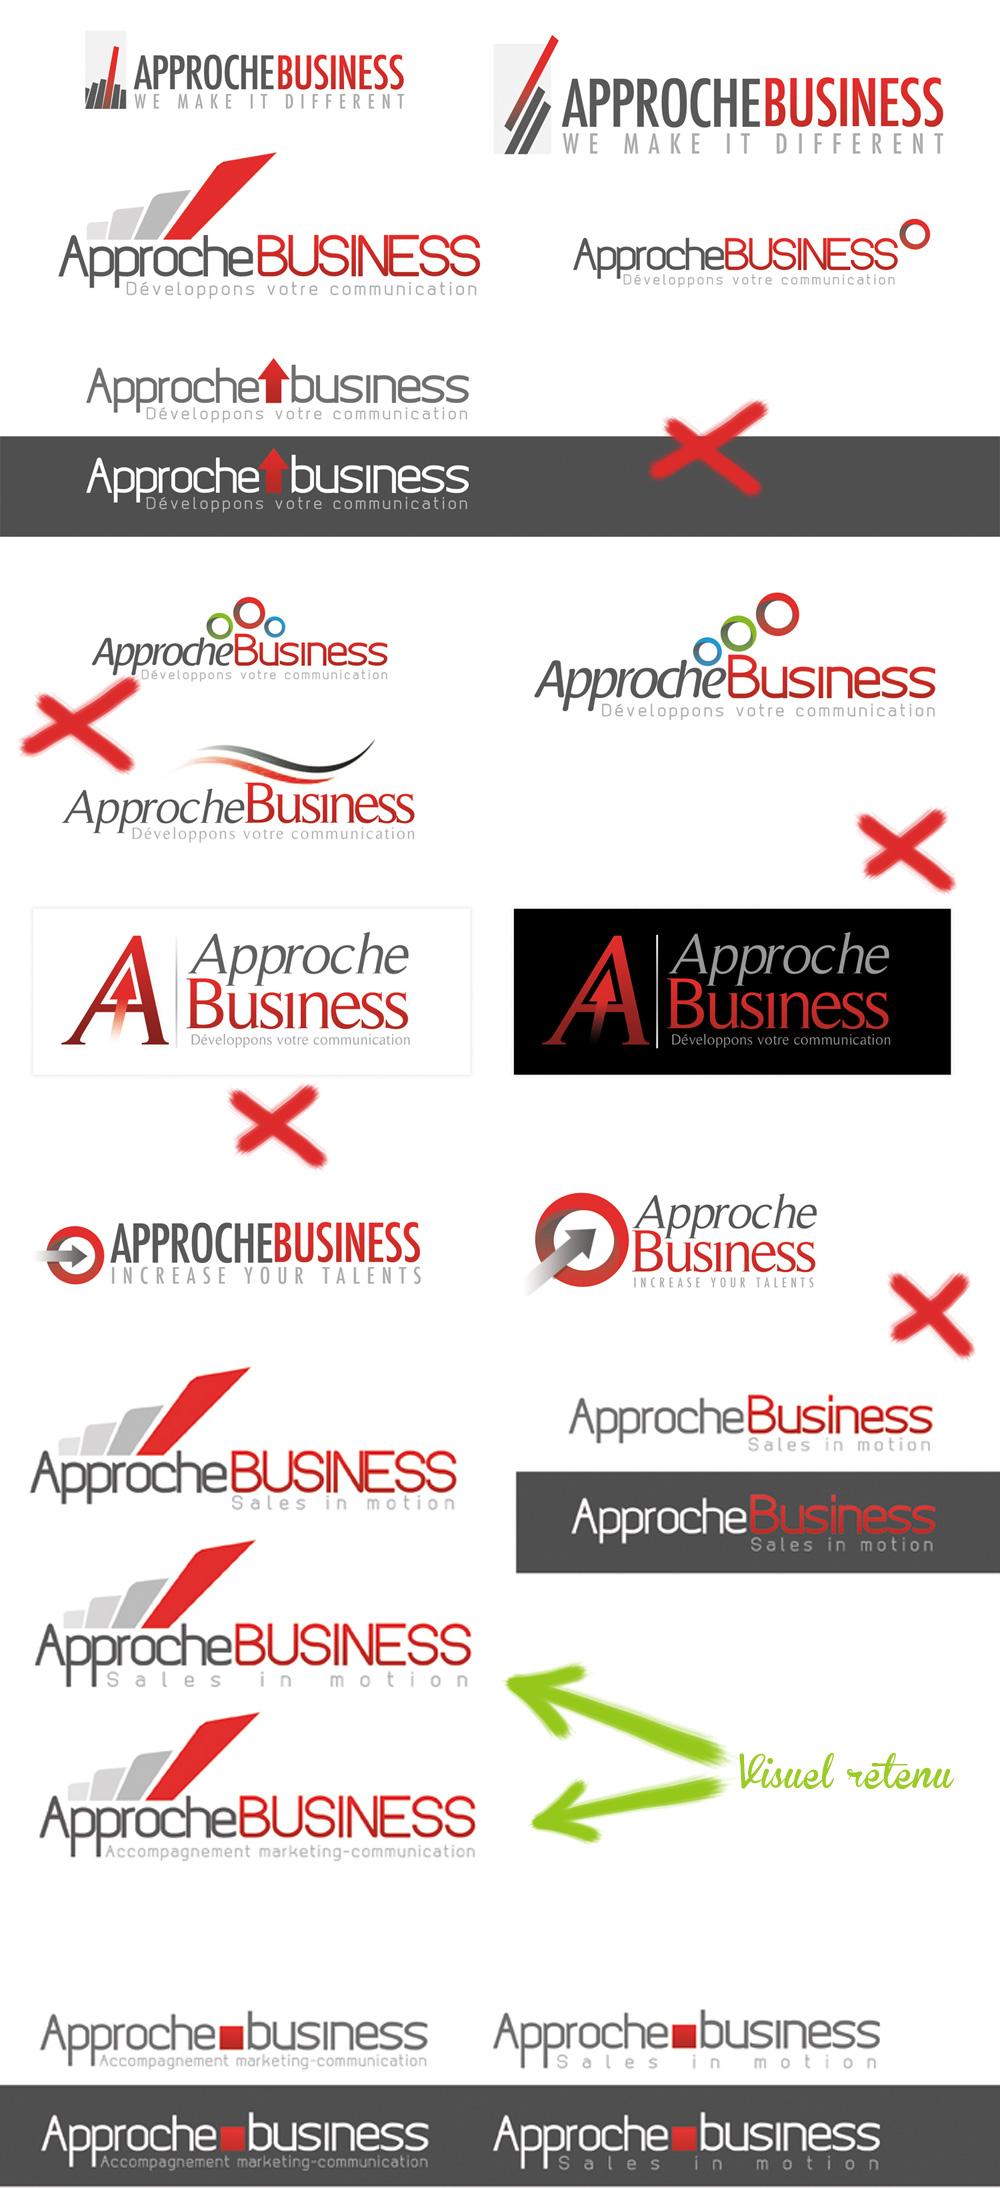 Approche business planche de recherche logo